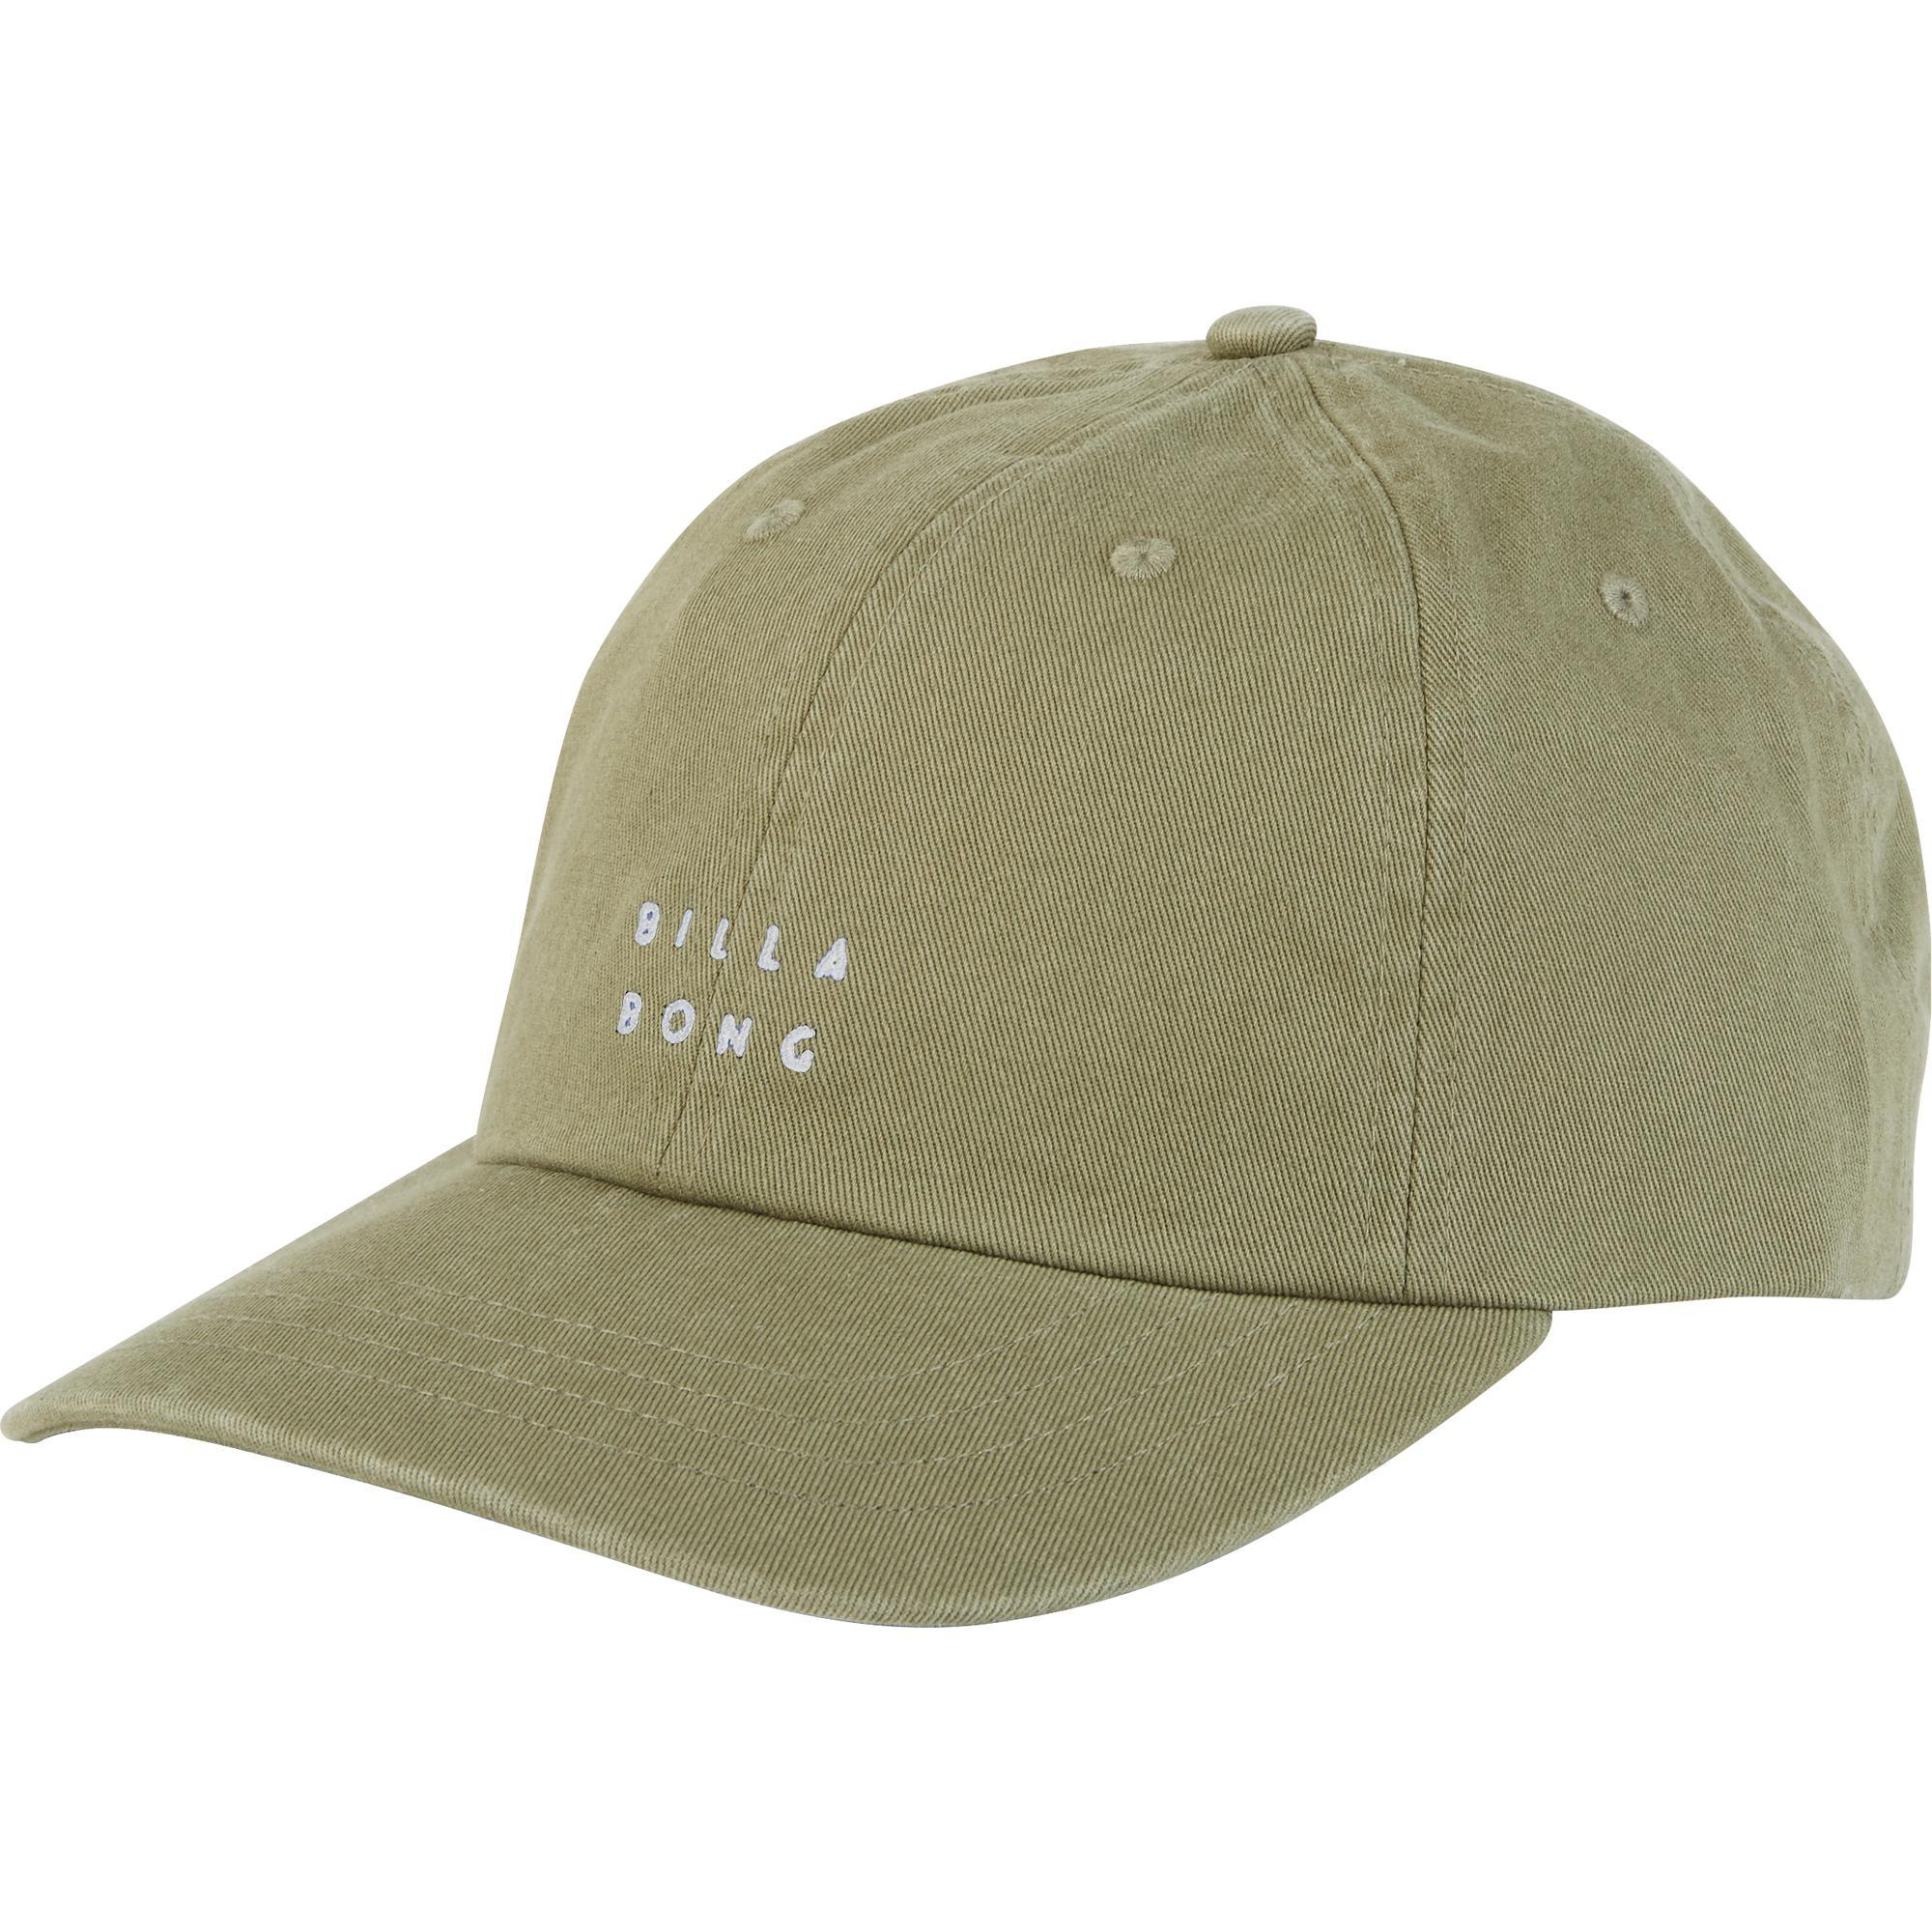 13cbe26efd8 ... best price shopping canada billabong shark hat d0f71 ed3c3 42d3d 1b977  3380c 74f1e